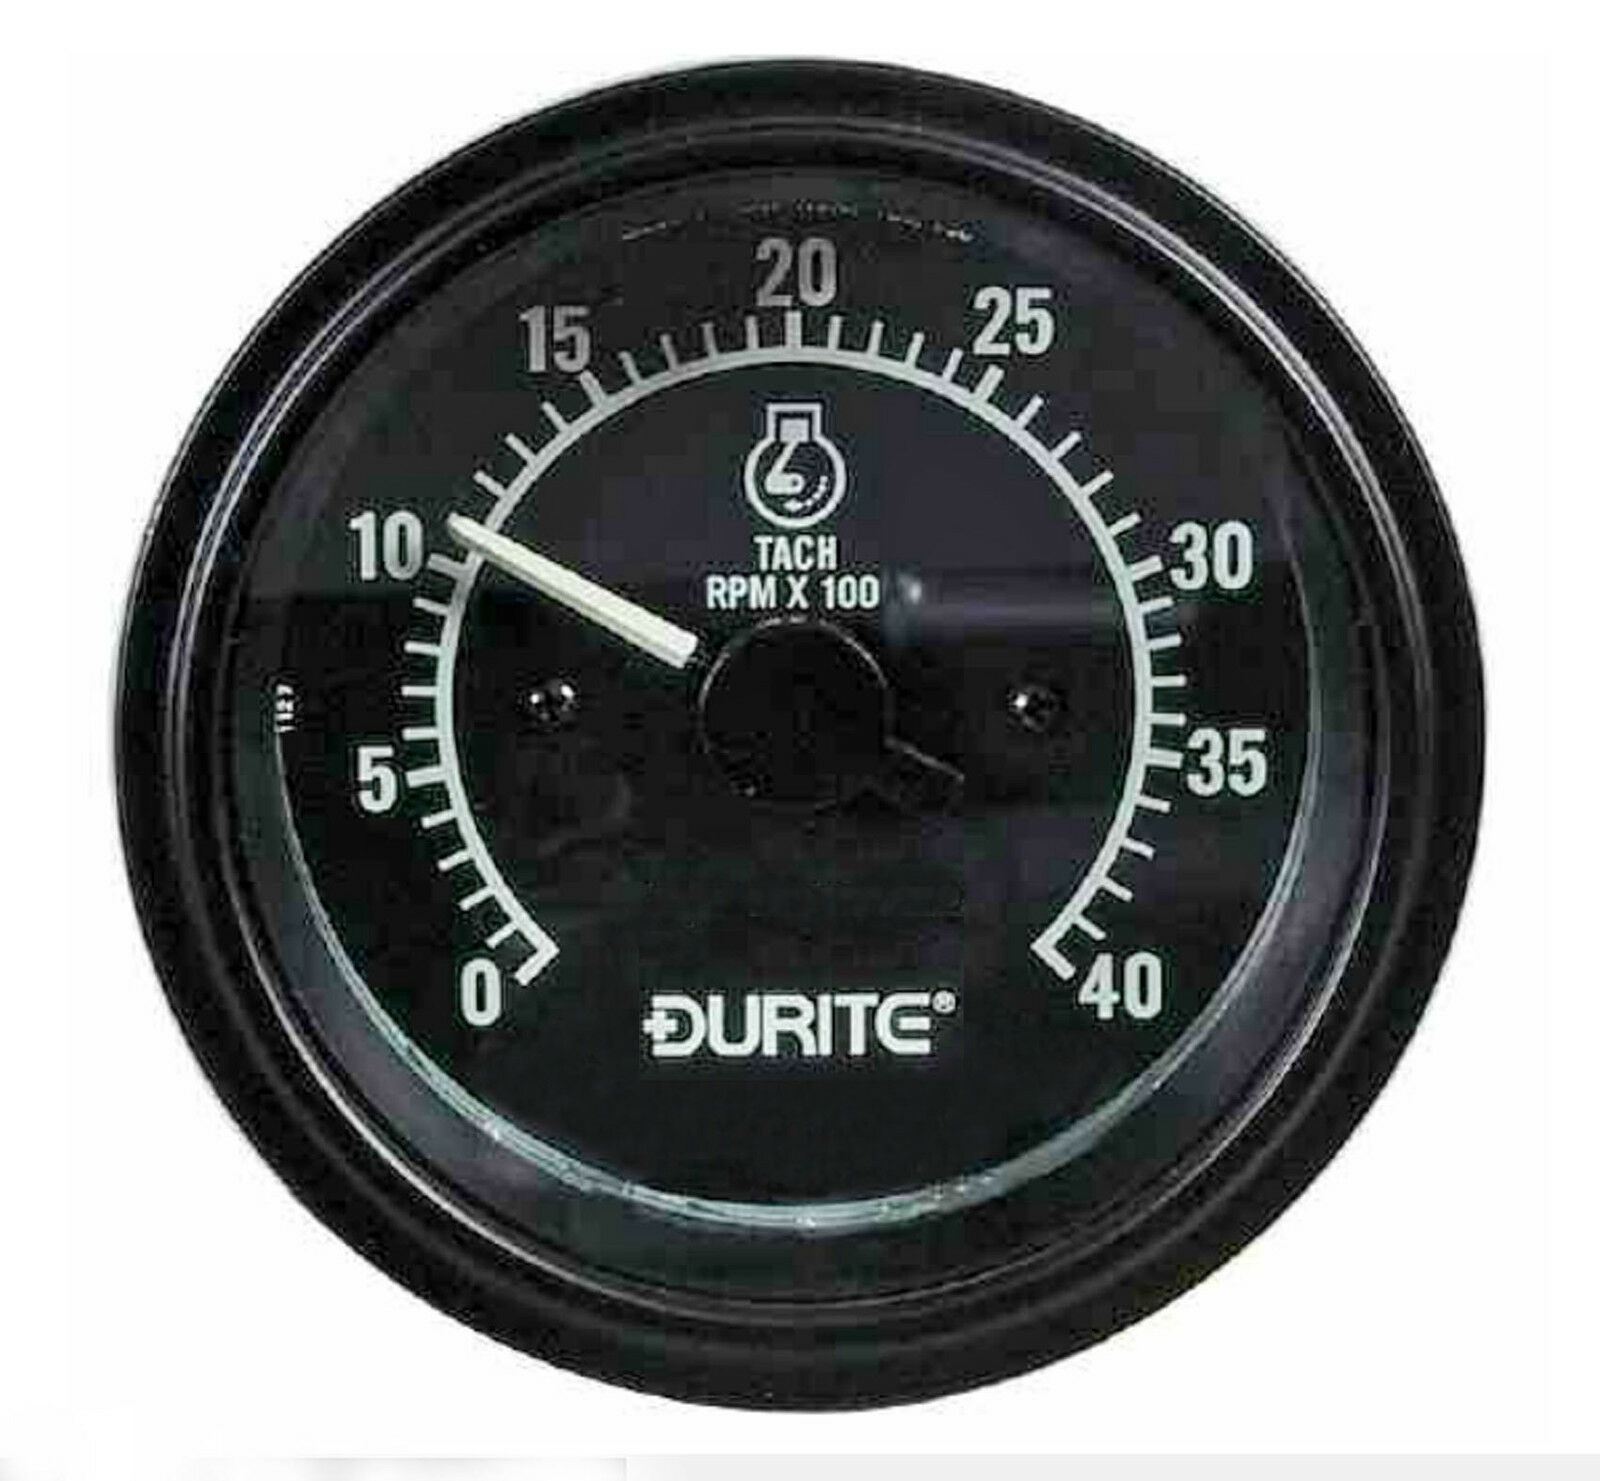 Cuentarrevoluciones - Durite 12v 24v 4000  RPM, Alternador Detección TAD040A  Mercancía de alta calidad y servicio conveniente y honesto.